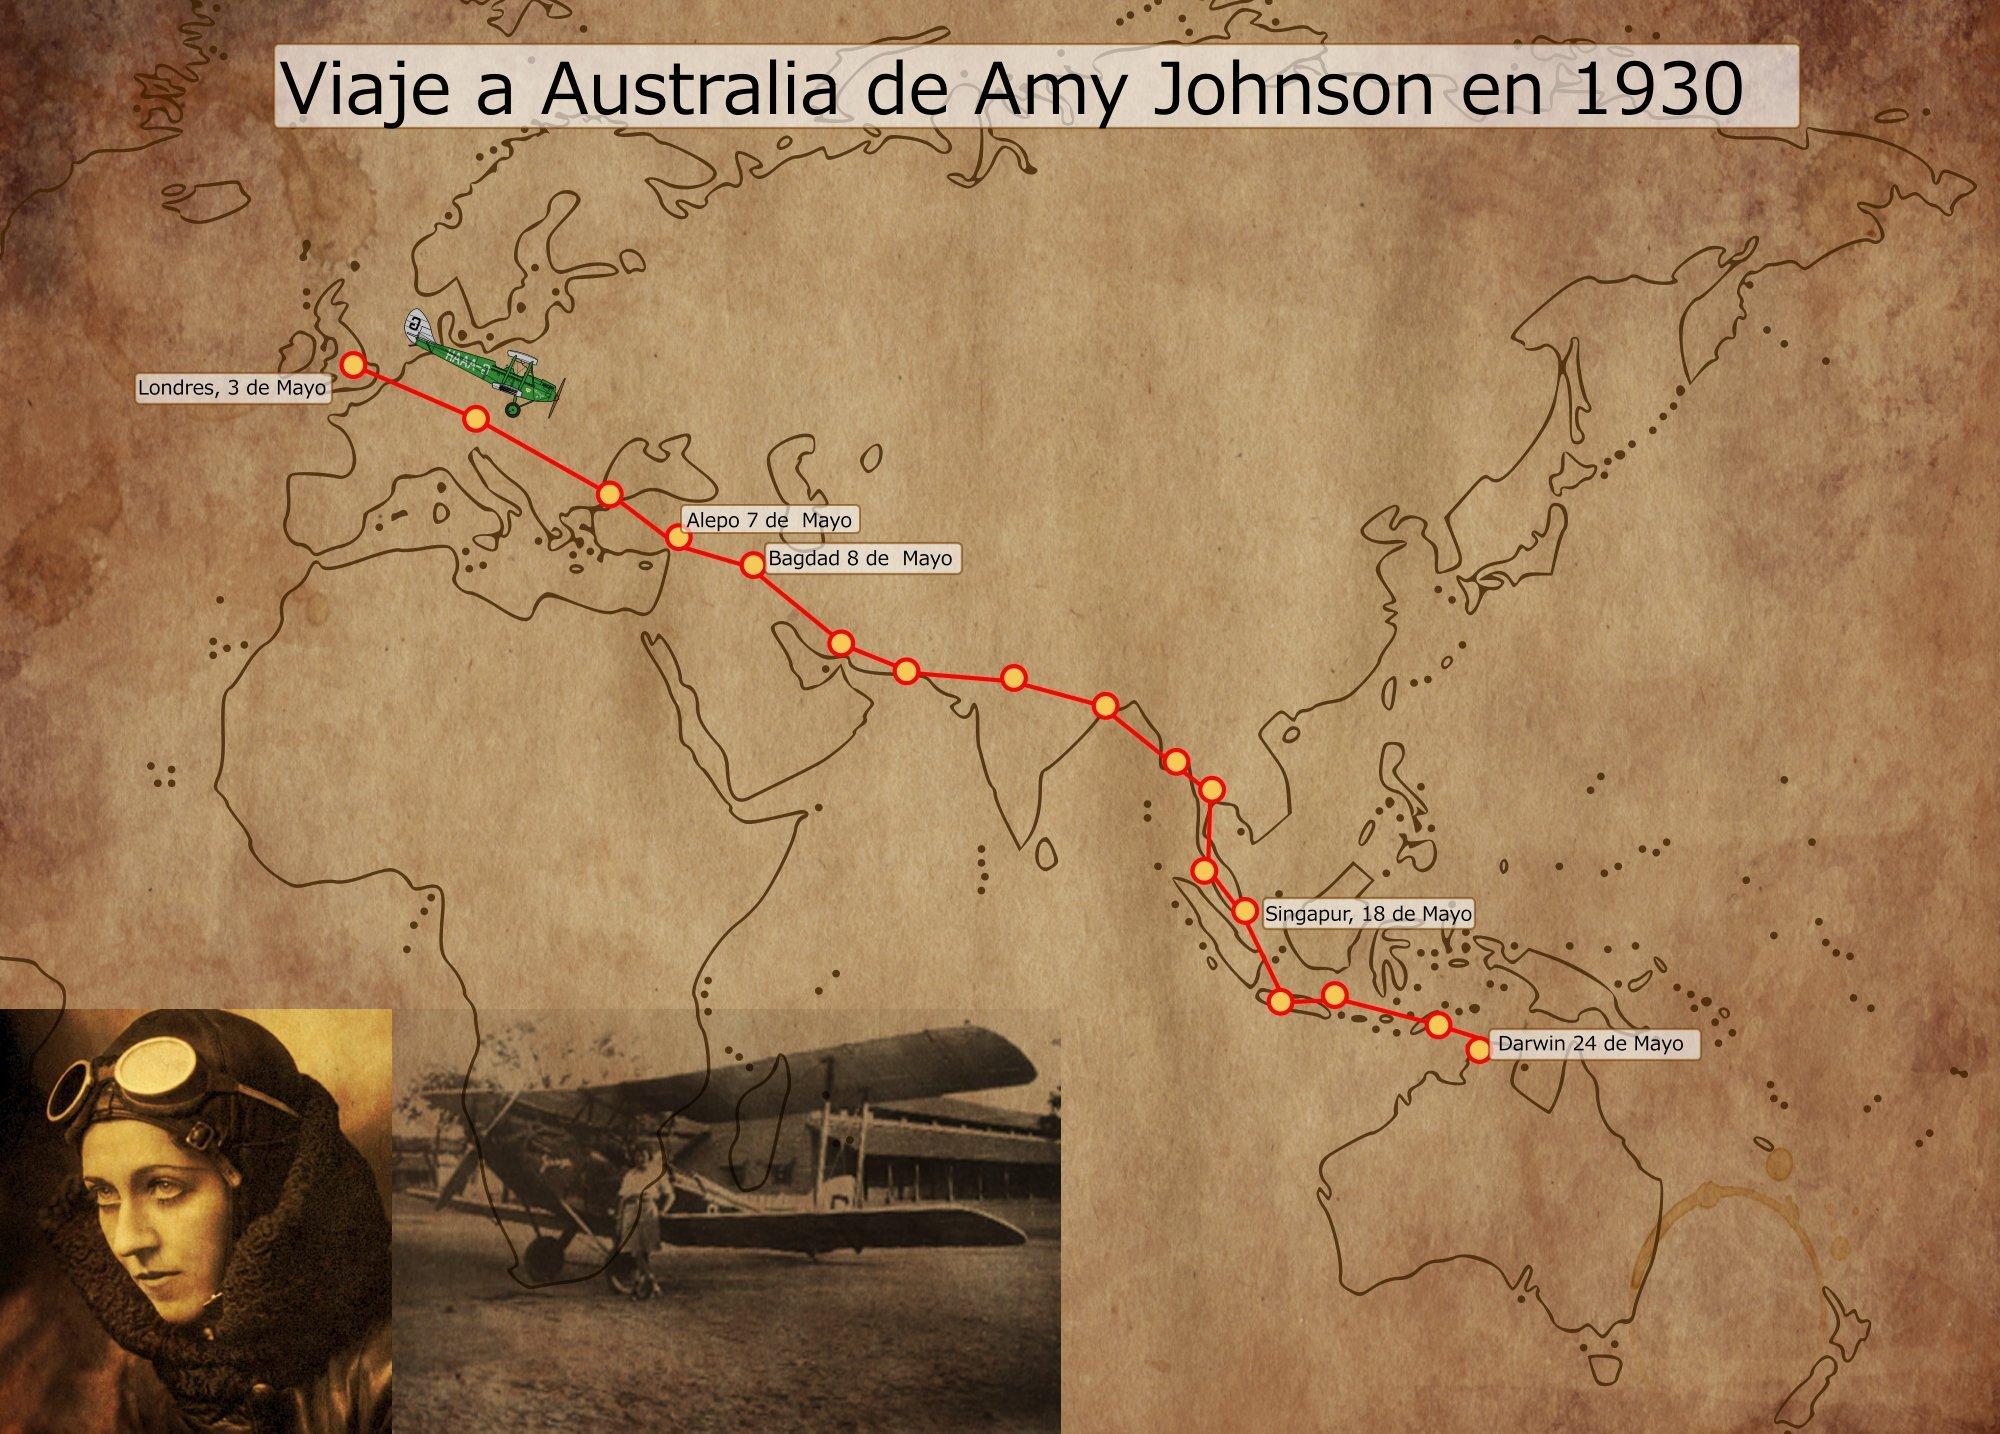 Amy Johnson, misterio y aniversario de la intrépida pionera de la aviación 7